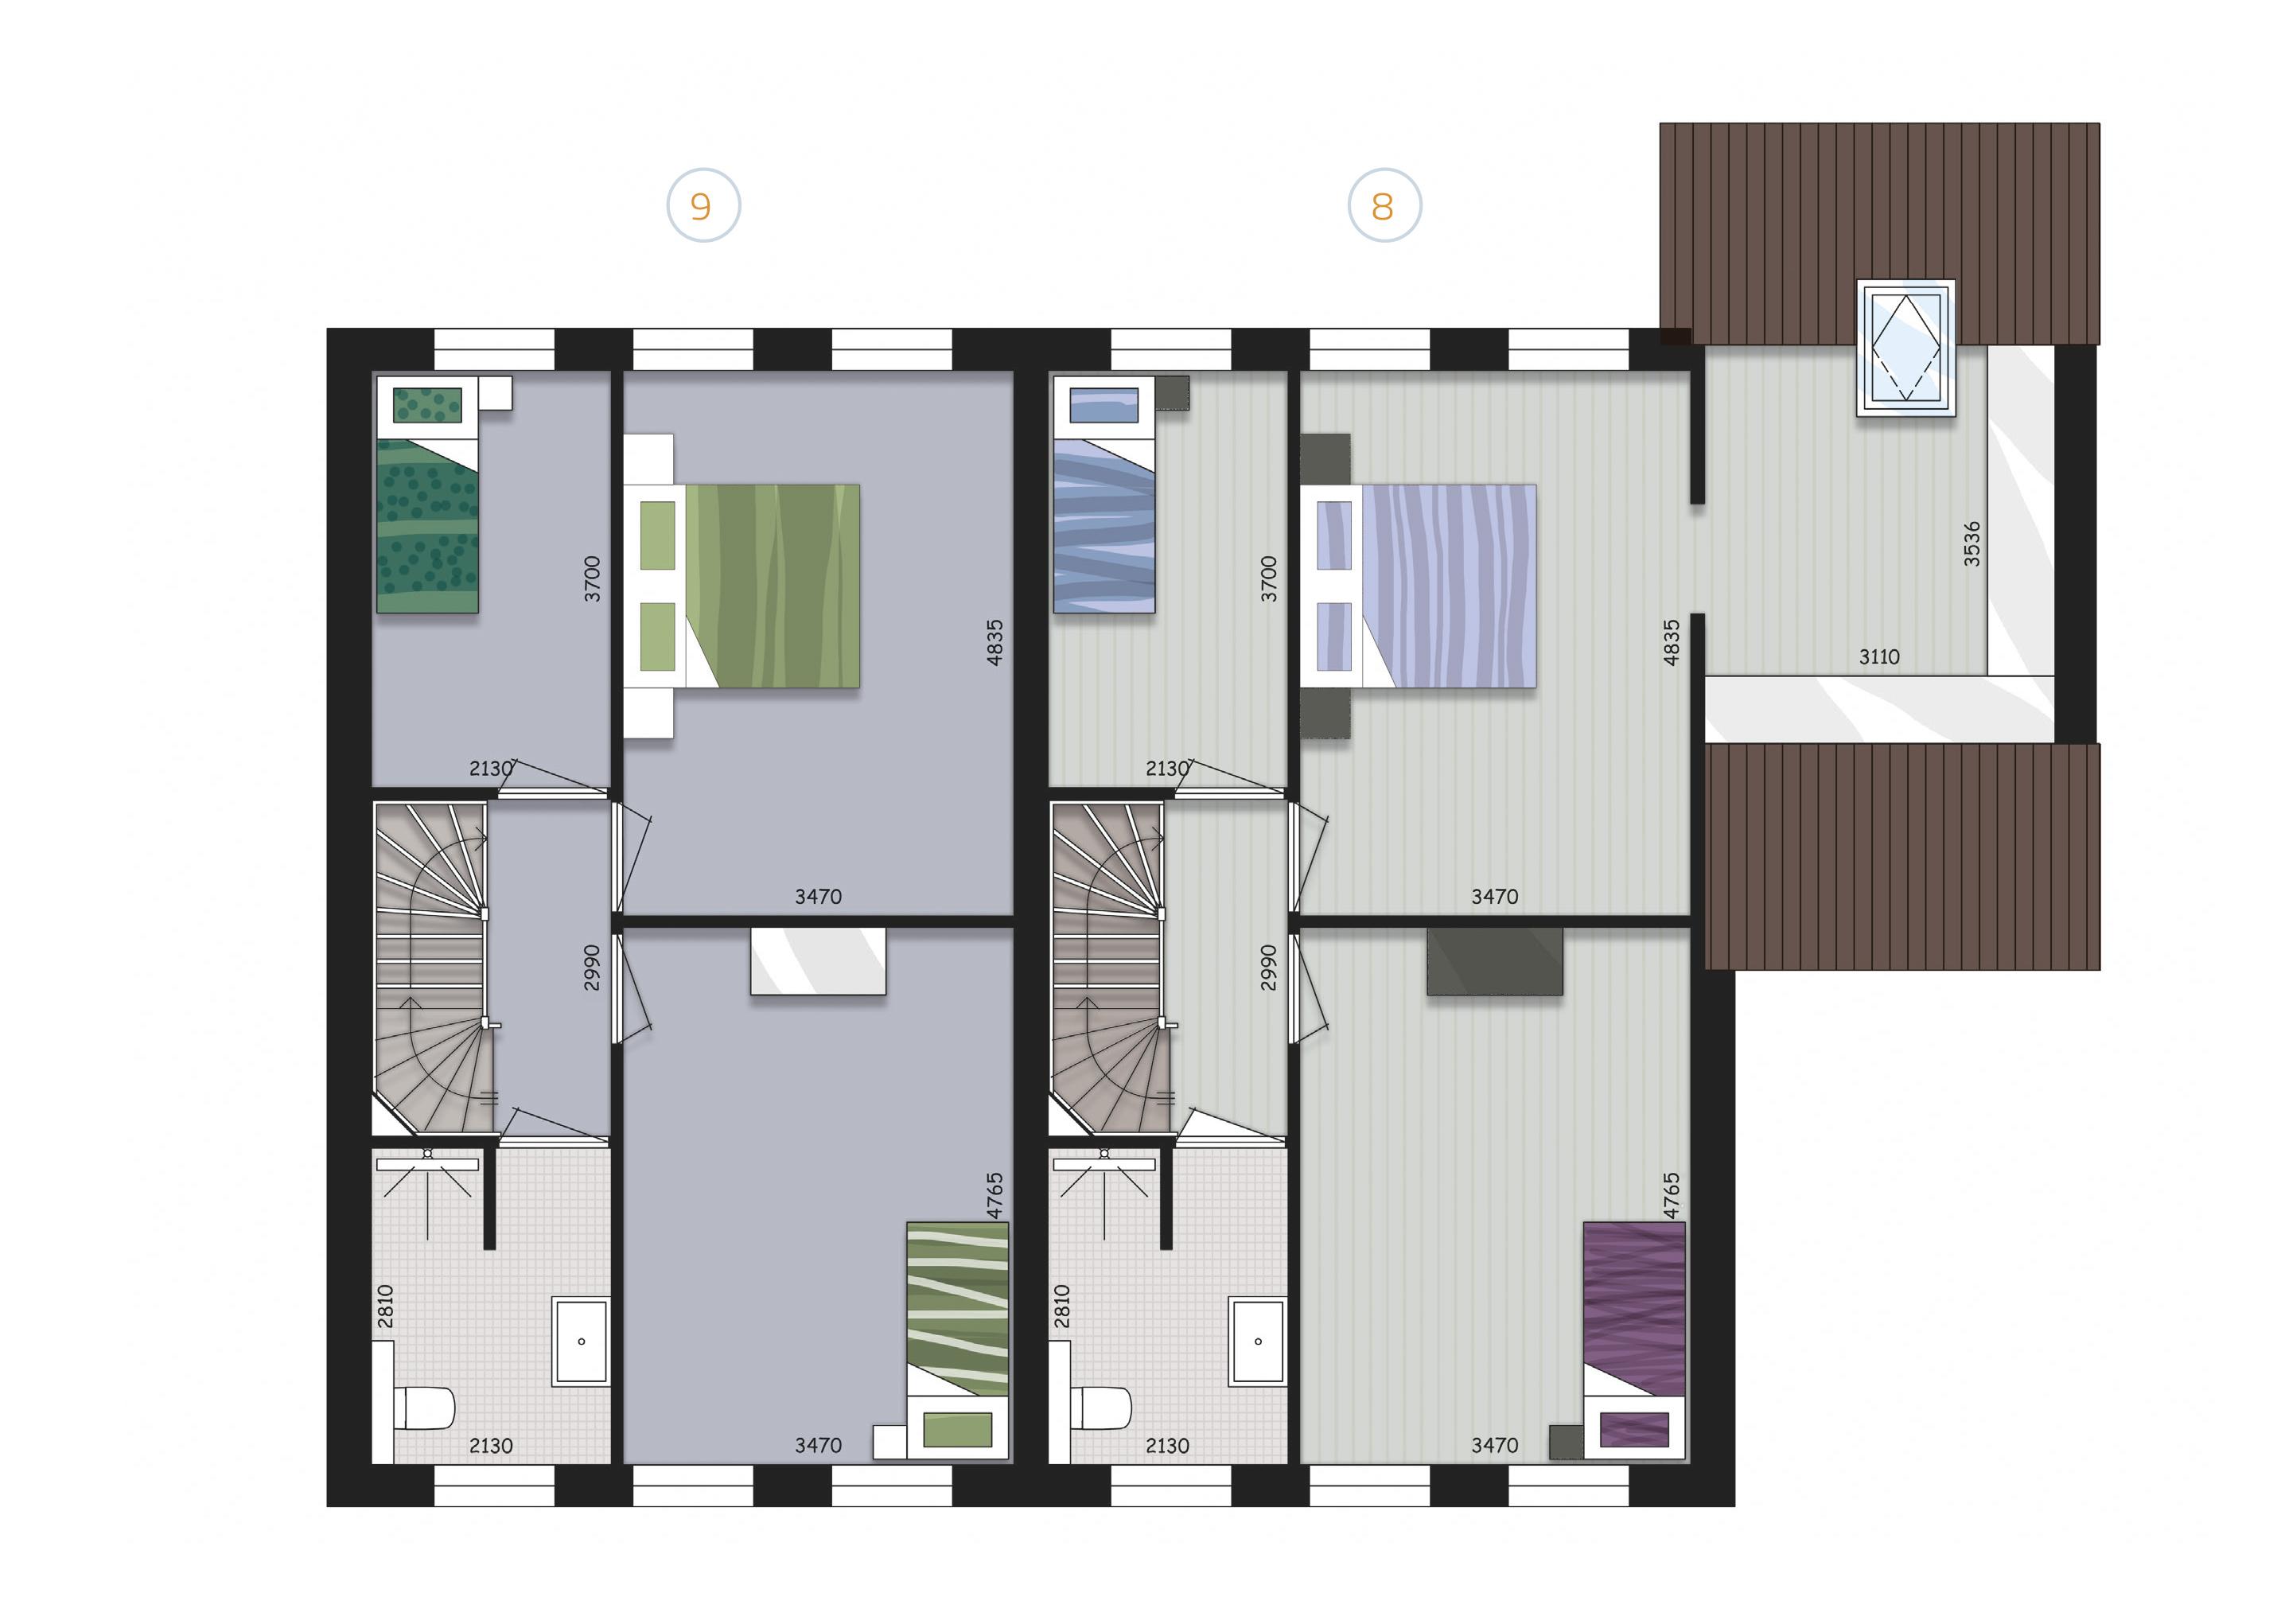 Verdieping Blok C - Zijderlaan Polsbroek